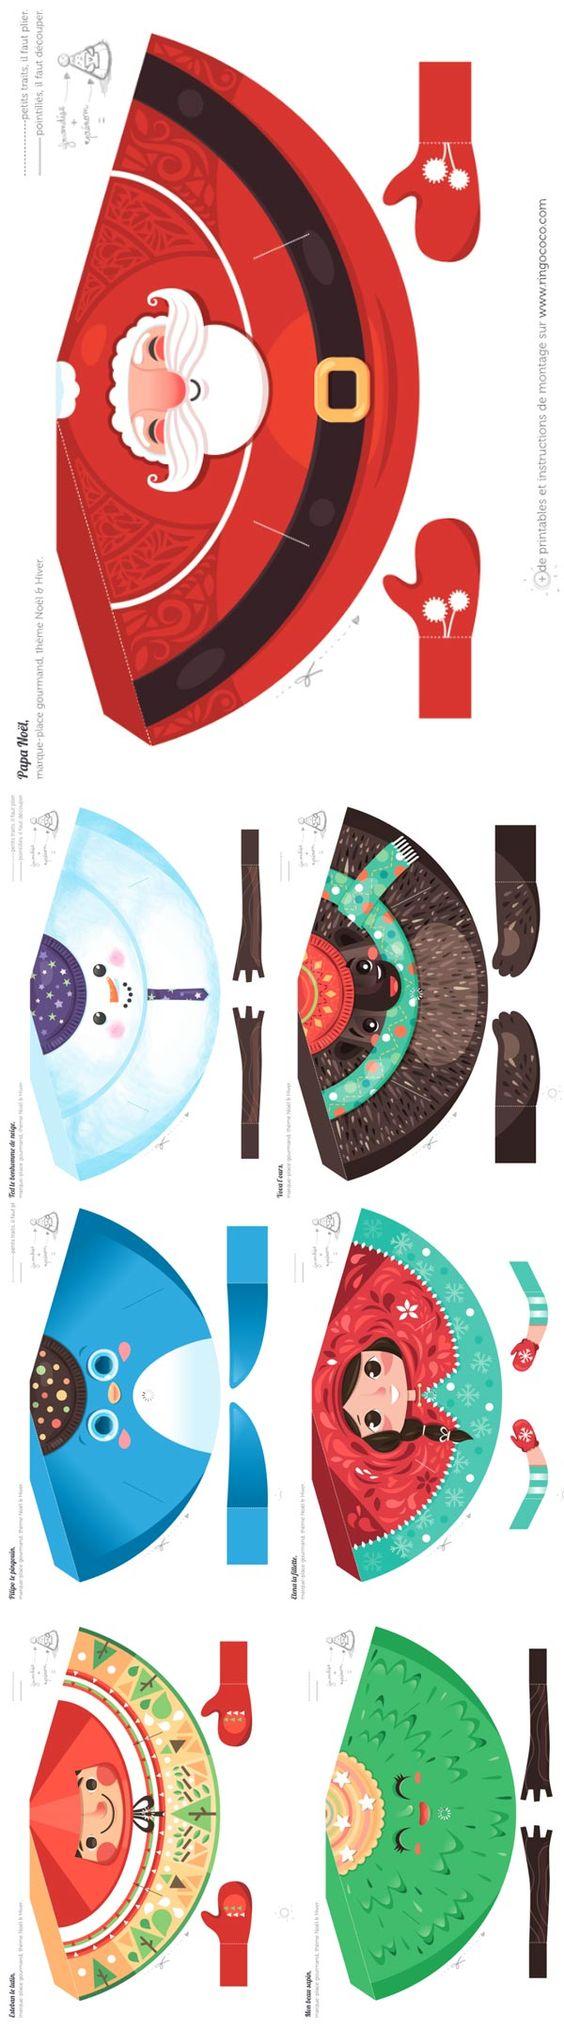 856 marque place paper toys template marque places de no l noel pinterest jouets marque - Marque place noel a imprimer ...